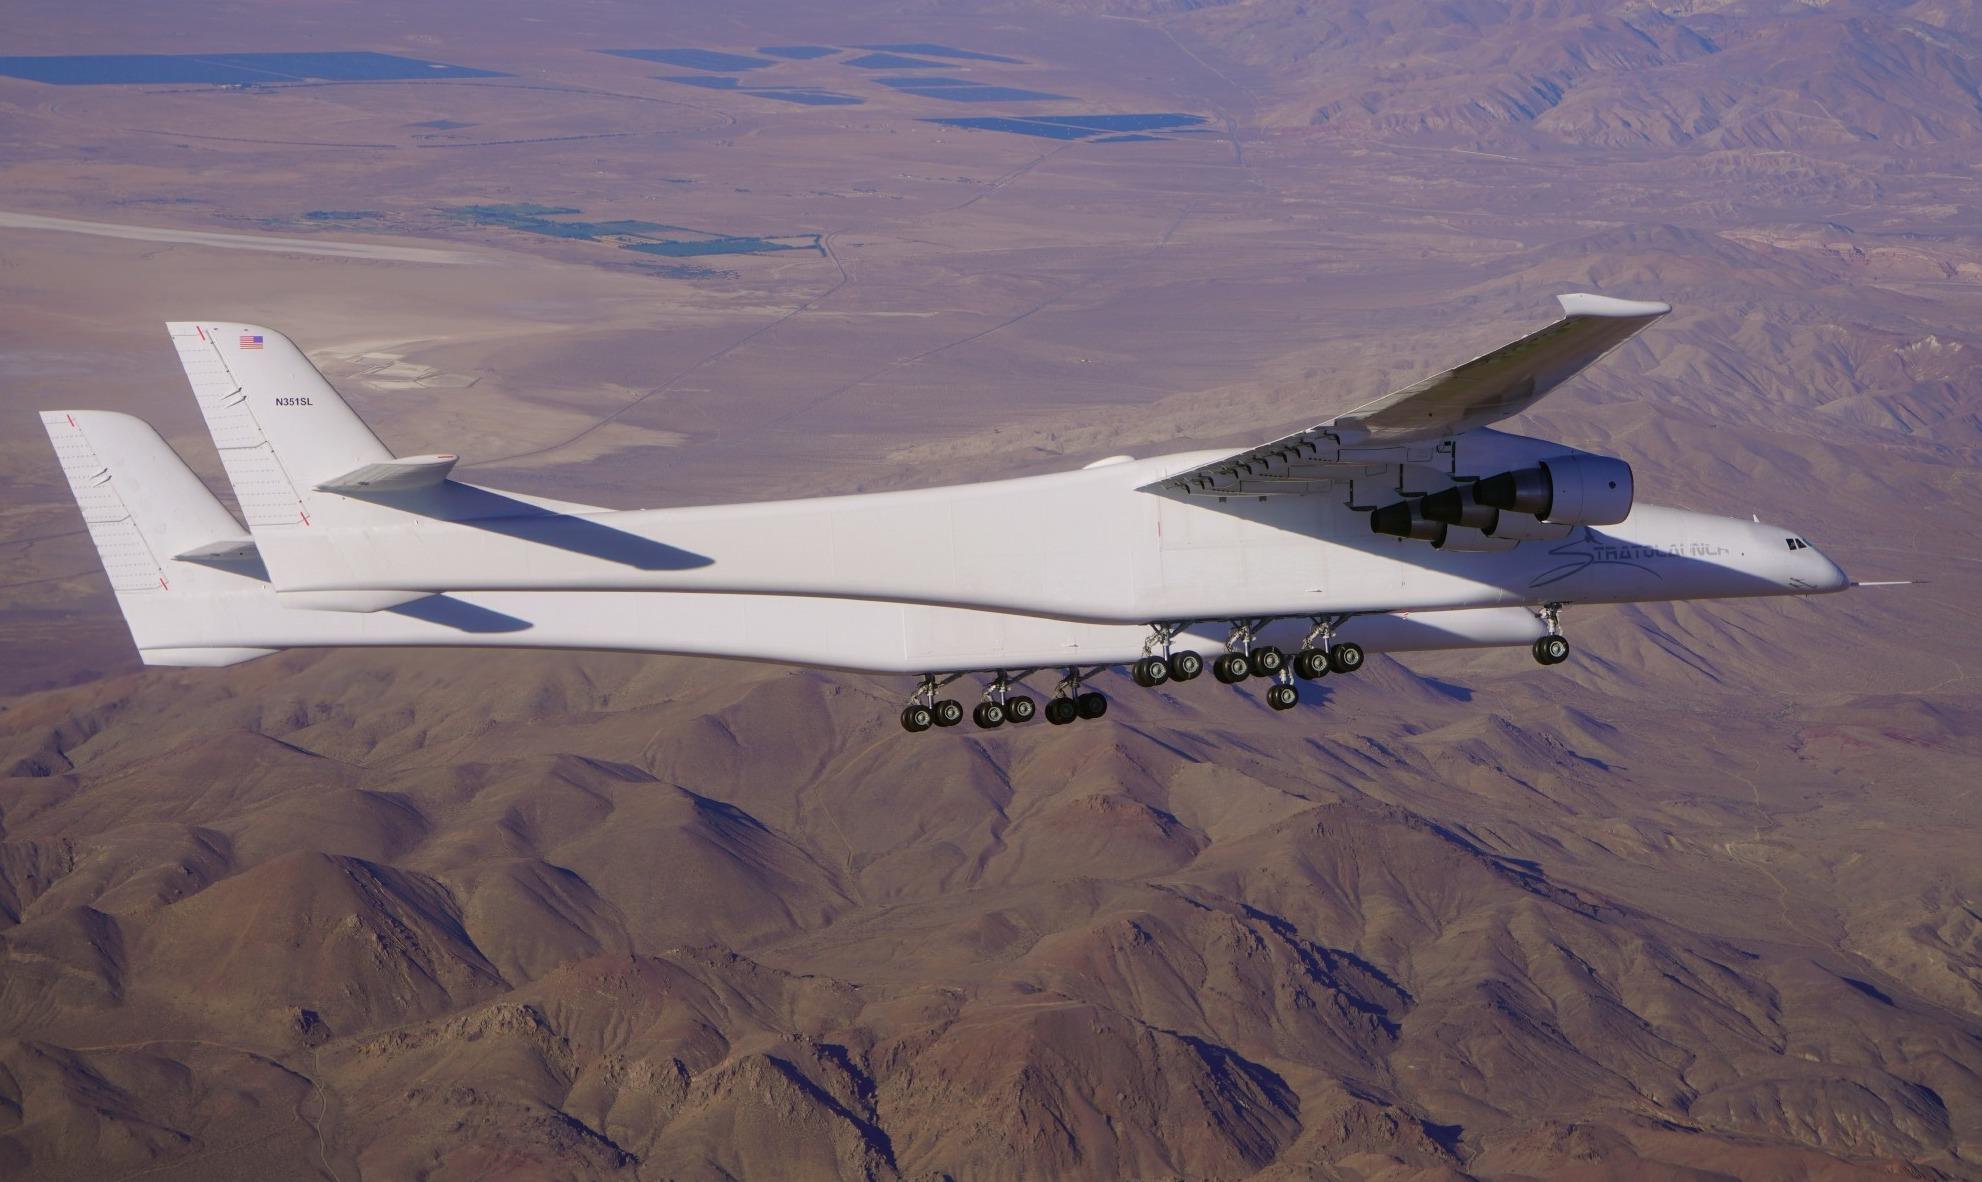 Vidéo : deuxième vol d'essai réussi pour le plus gros avion du monde